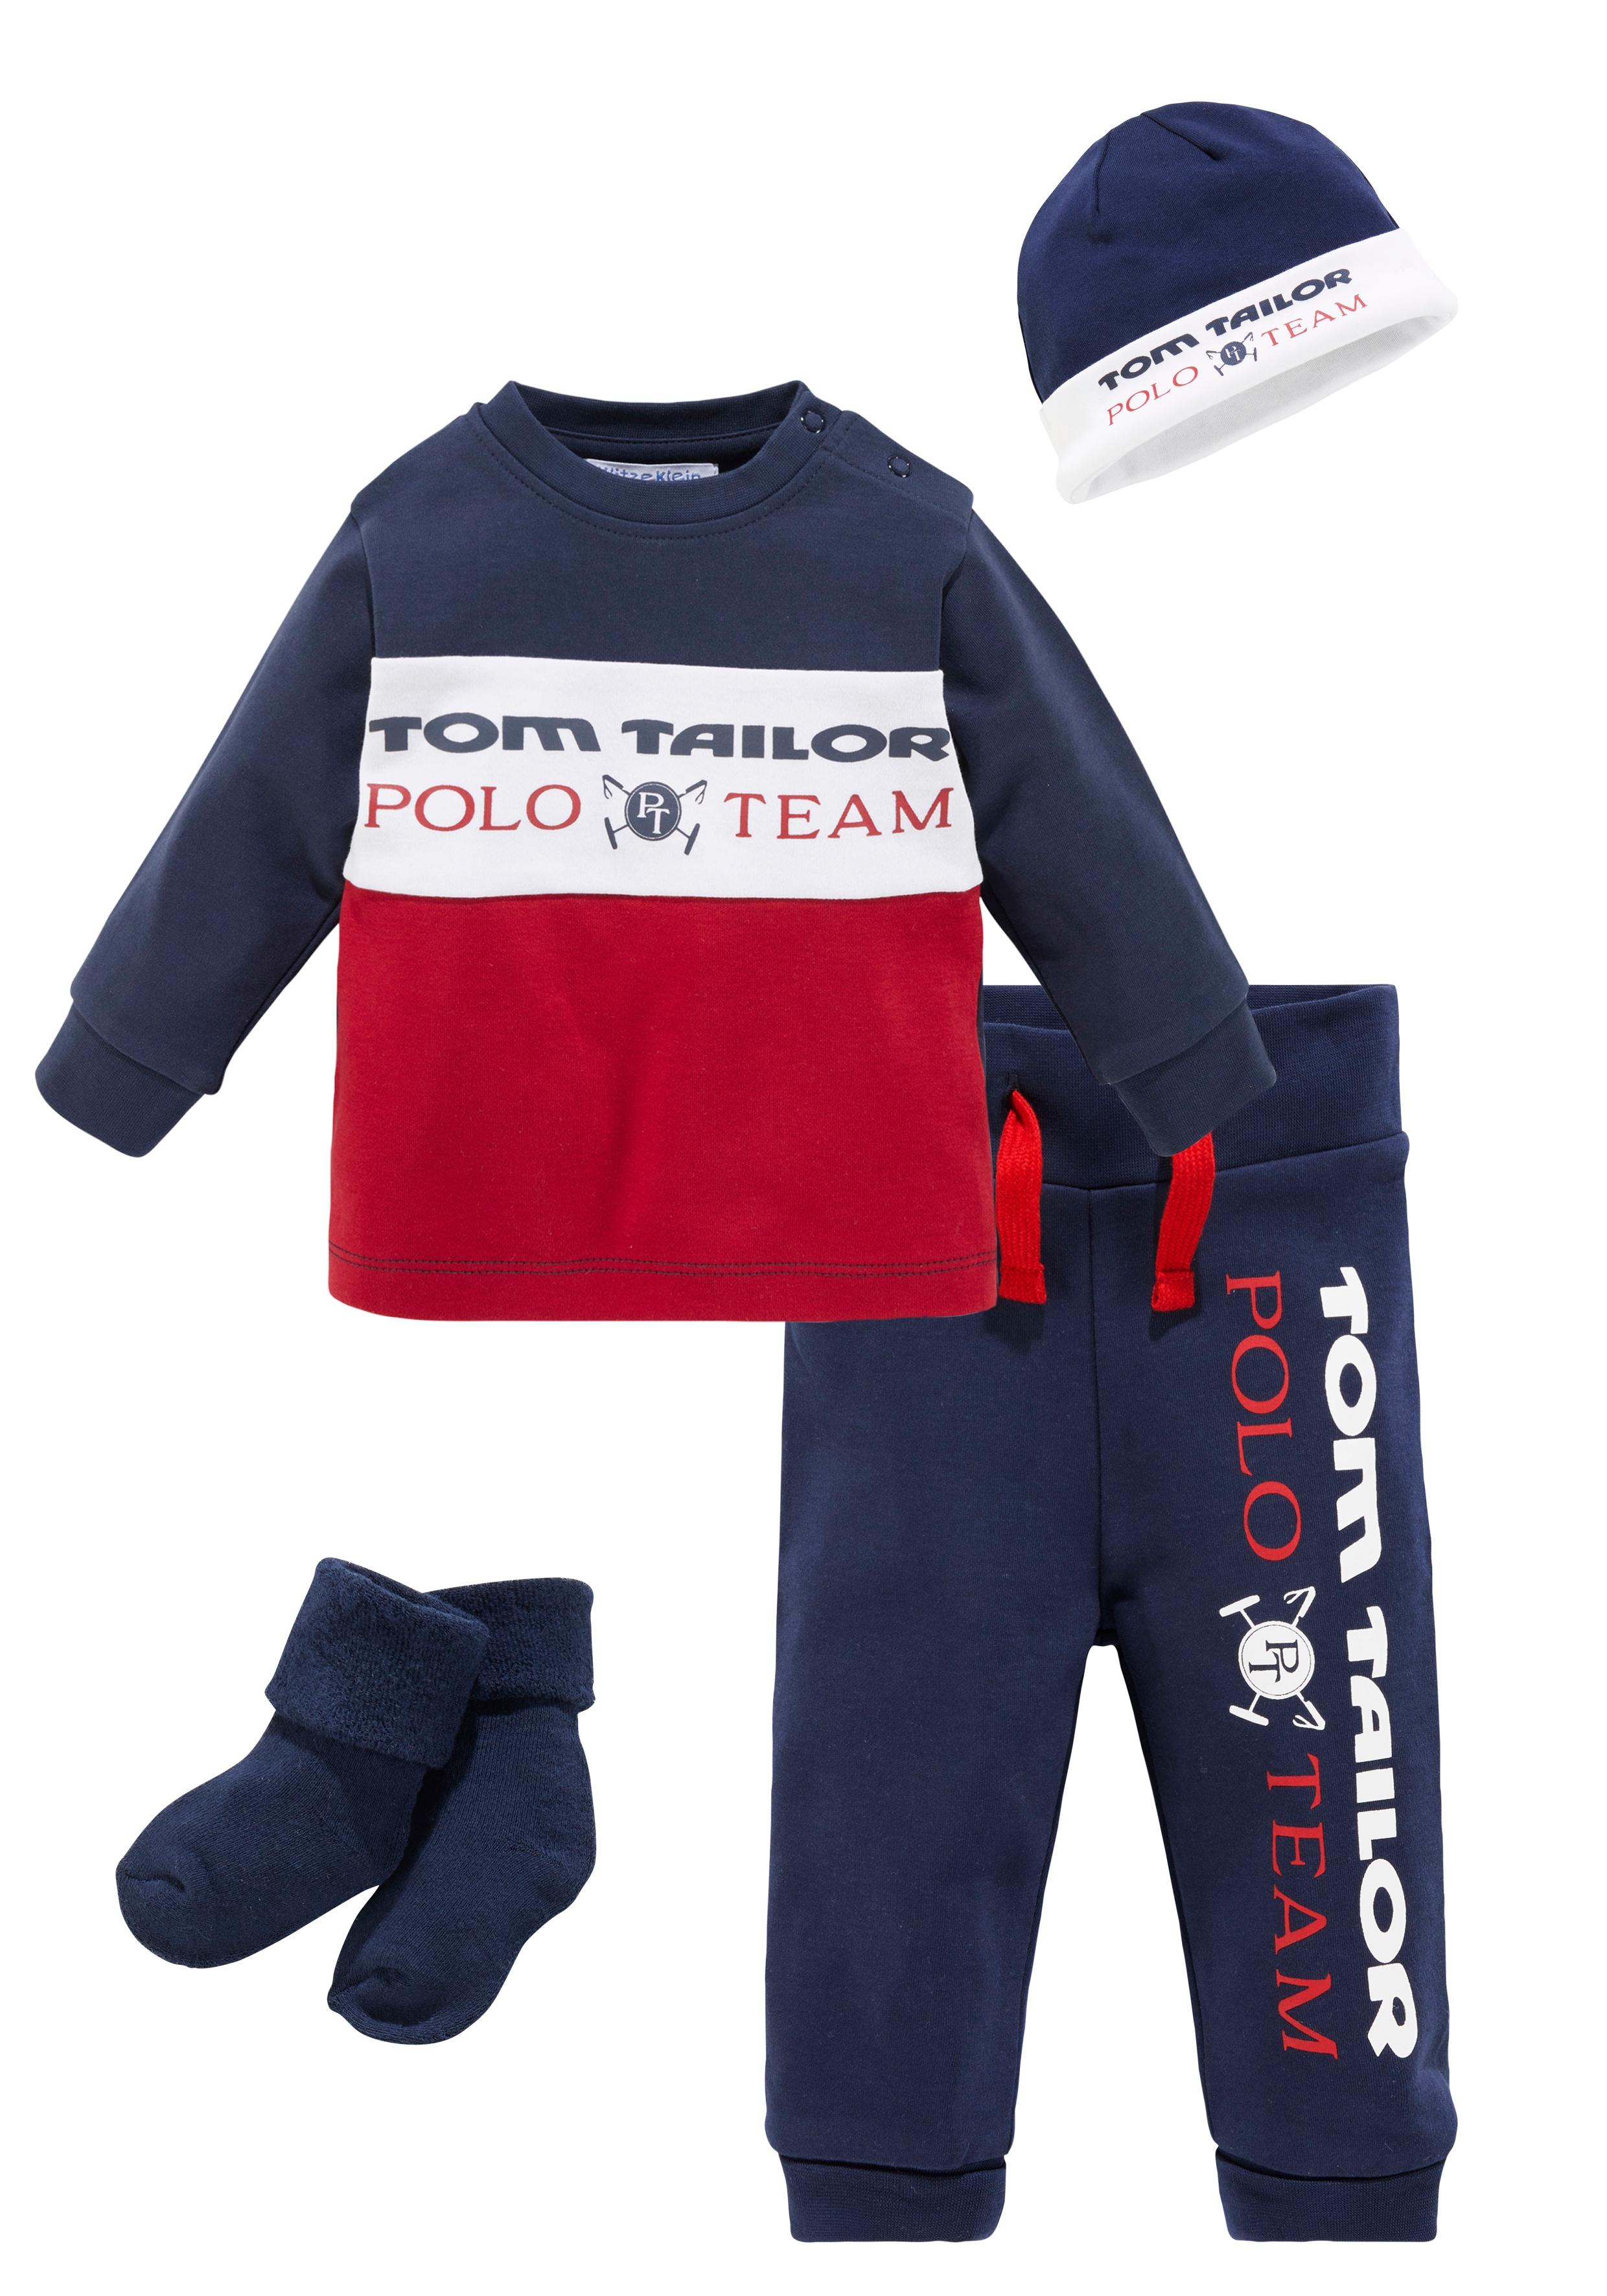 TOM TAILOR Polo Team Neugeborenen-Geschenkset, aus Bio-Baumwolle blau Baby Alle Geschenke Neugeborenen-Geschenkset